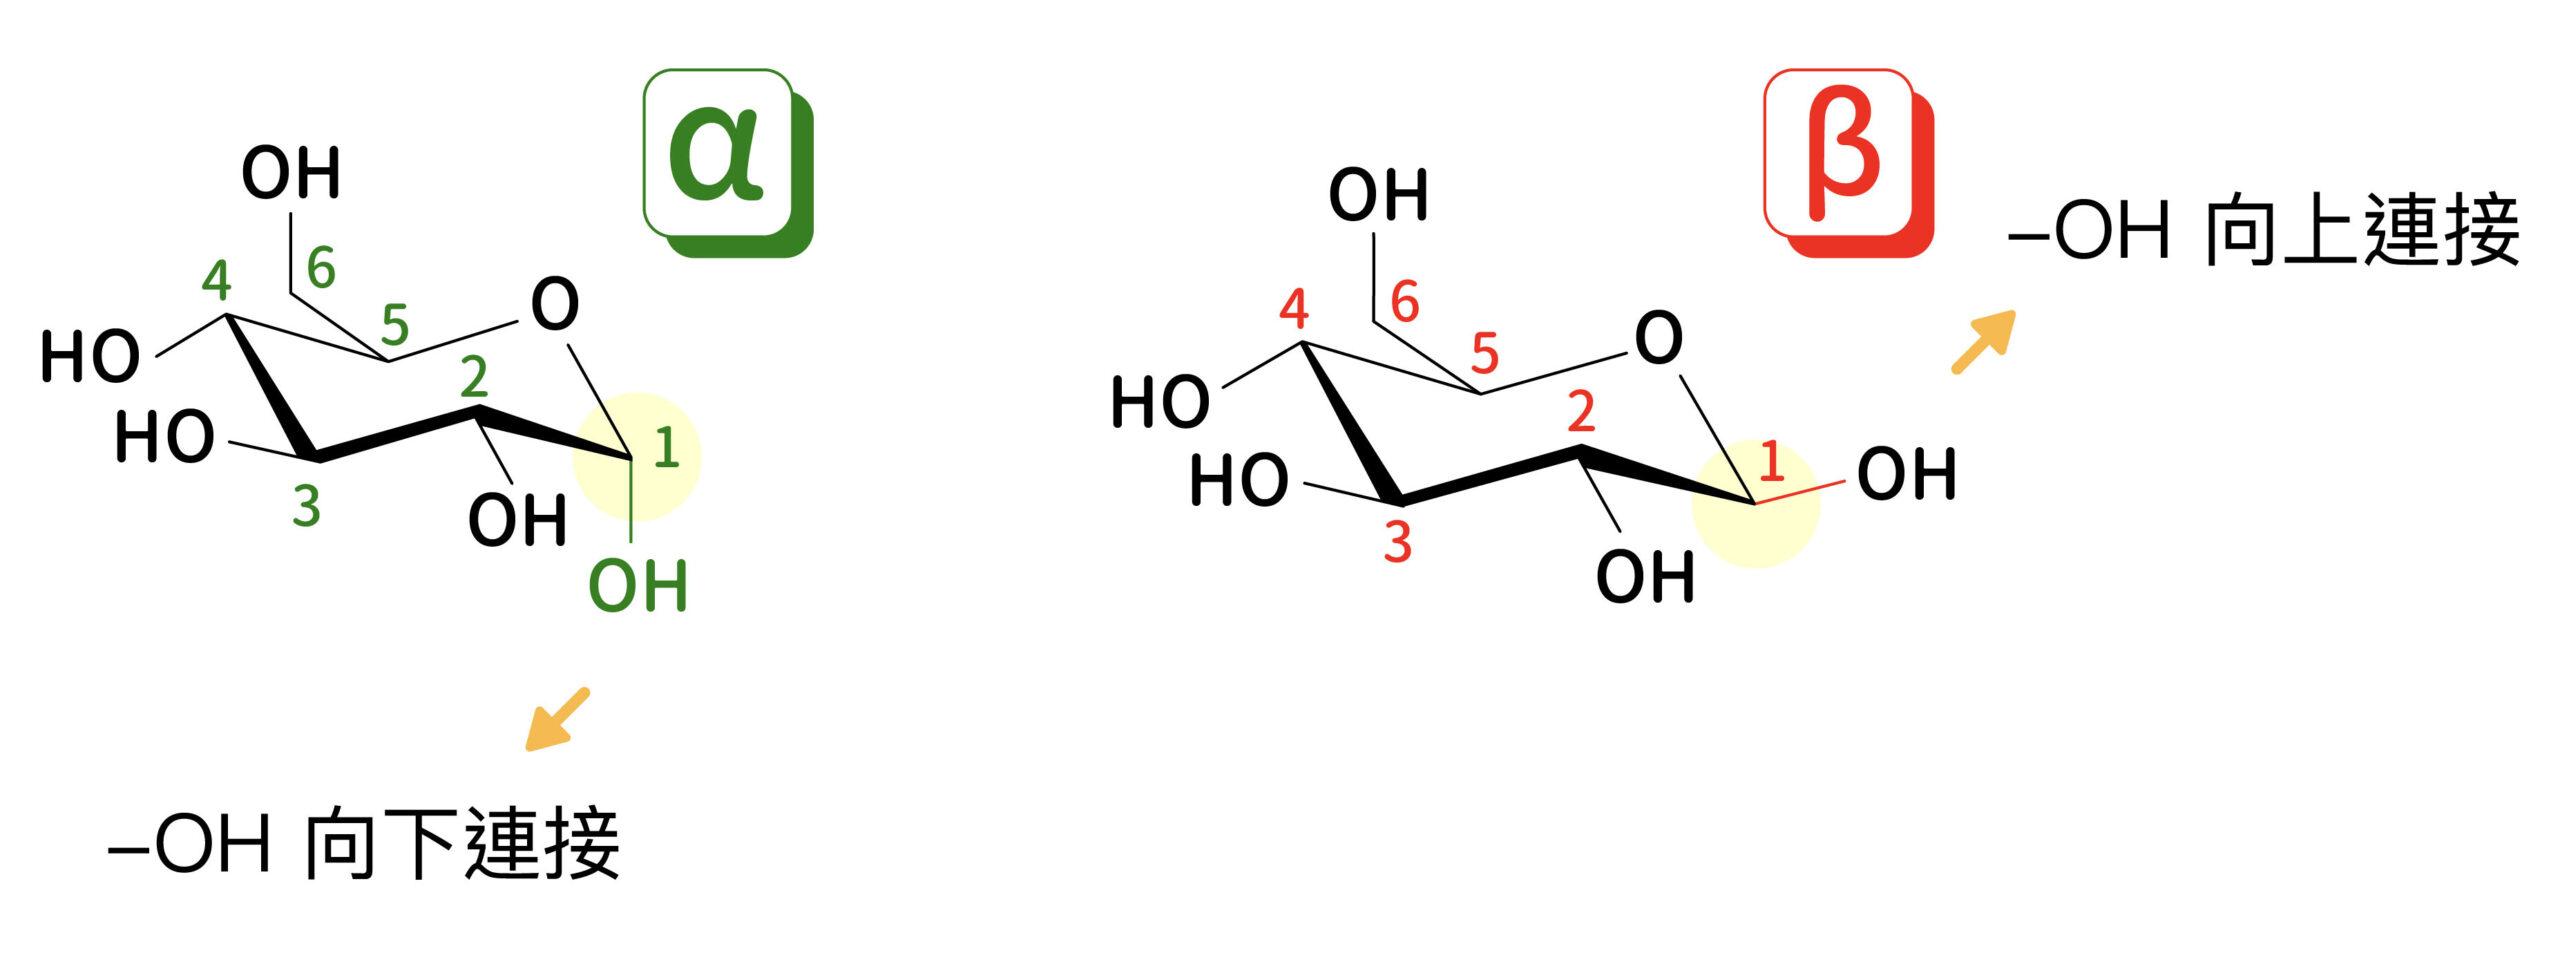 葡萄糖的首旋異構物,取決於一號碳原子上連接的 OH 官能基的角度。圖│研之有物、廖英凱(資料來源│倪其焜)